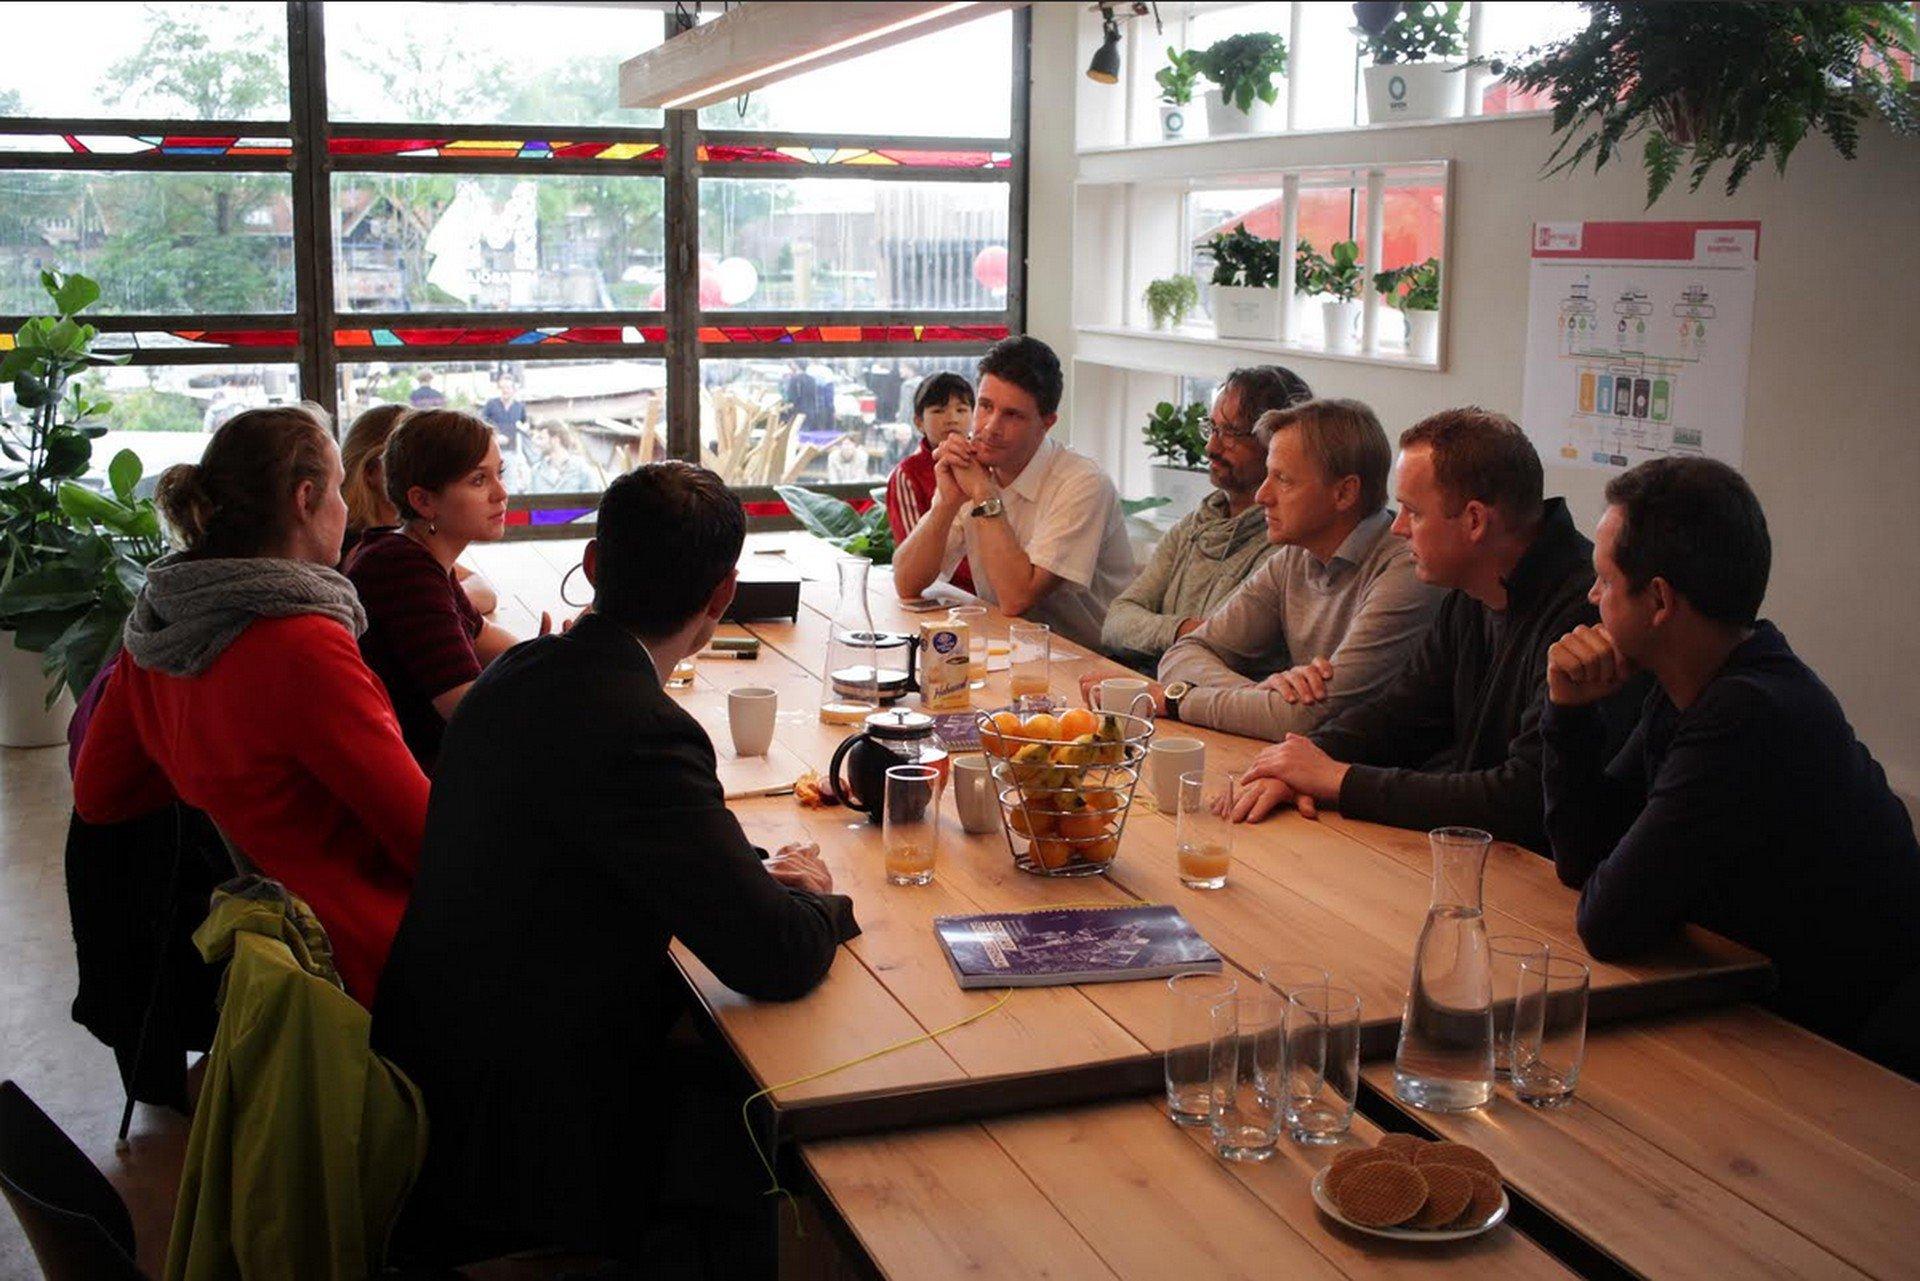 Amsterdam workshop spaces Meeting room Metabolic Lab image 1